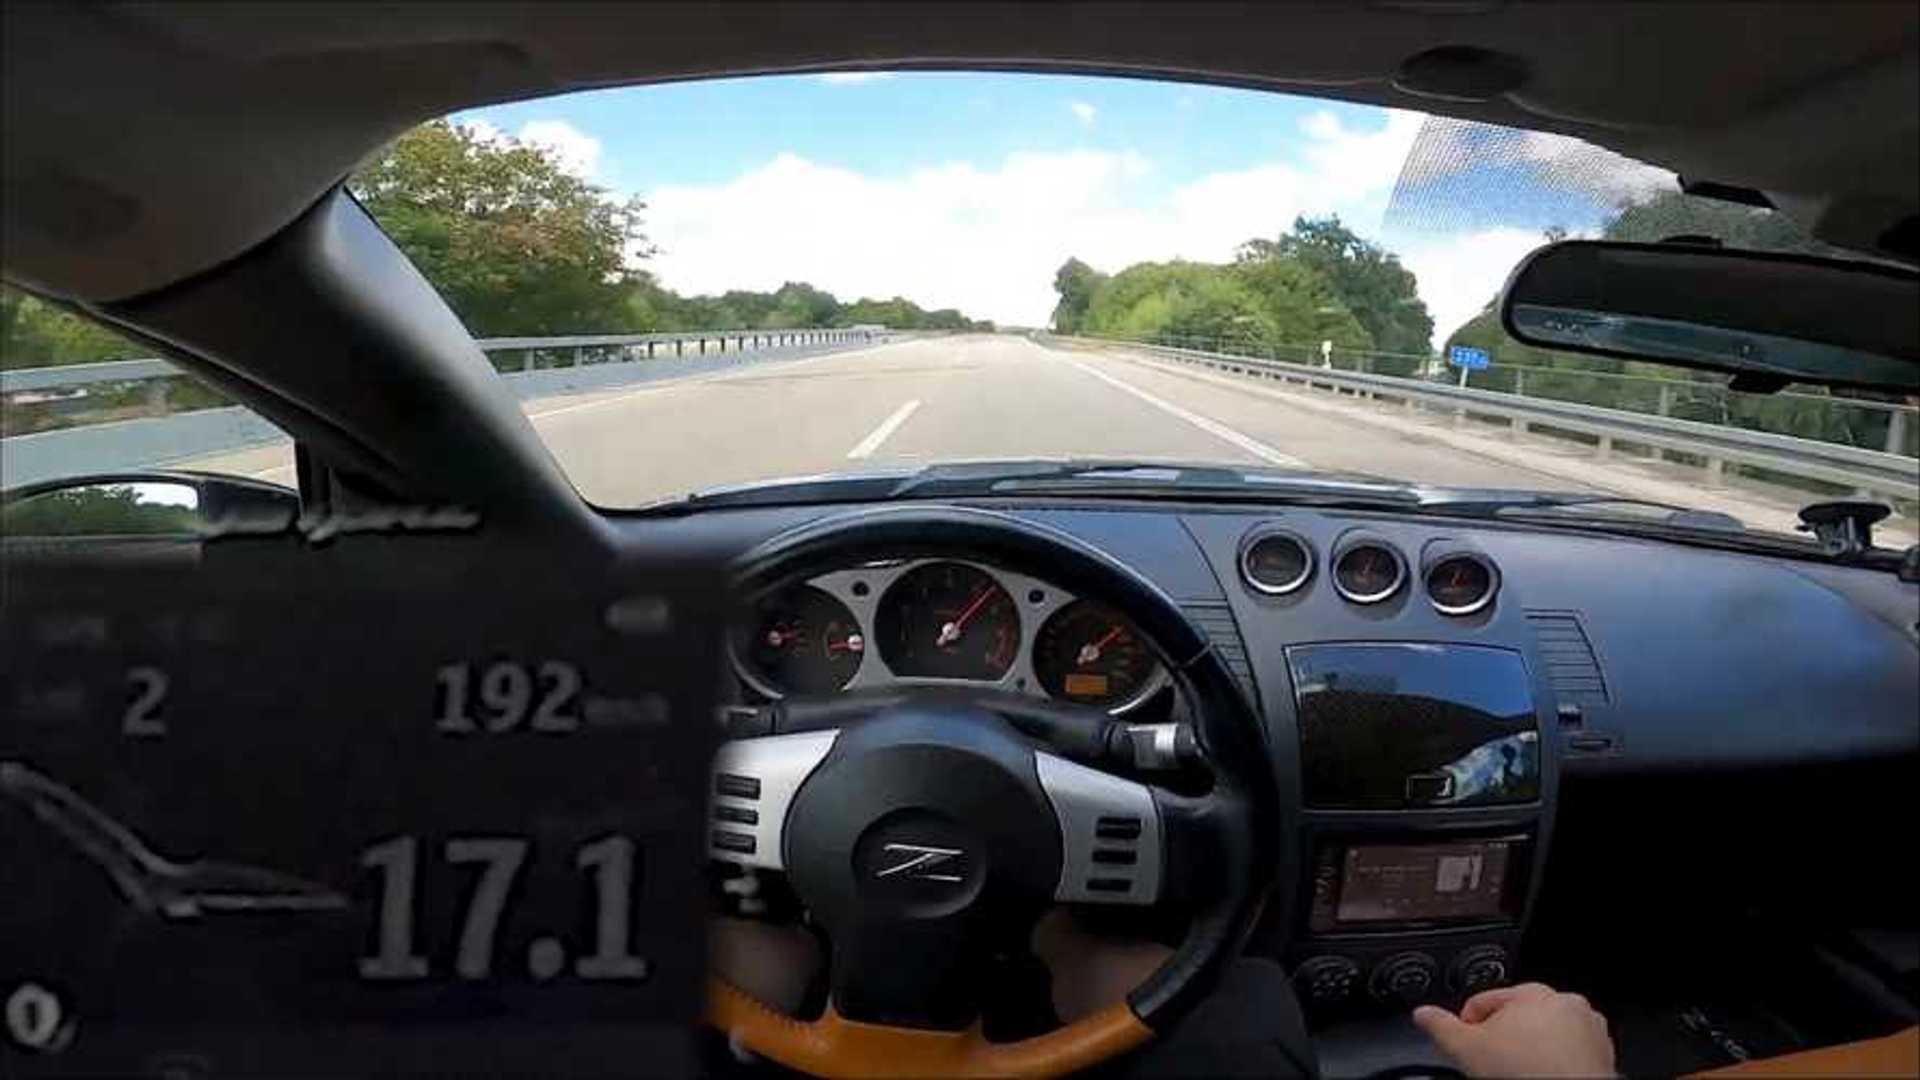 Nissan 350Z покорил немецкий автобан для впечатляющего пробега на максимальной скорости